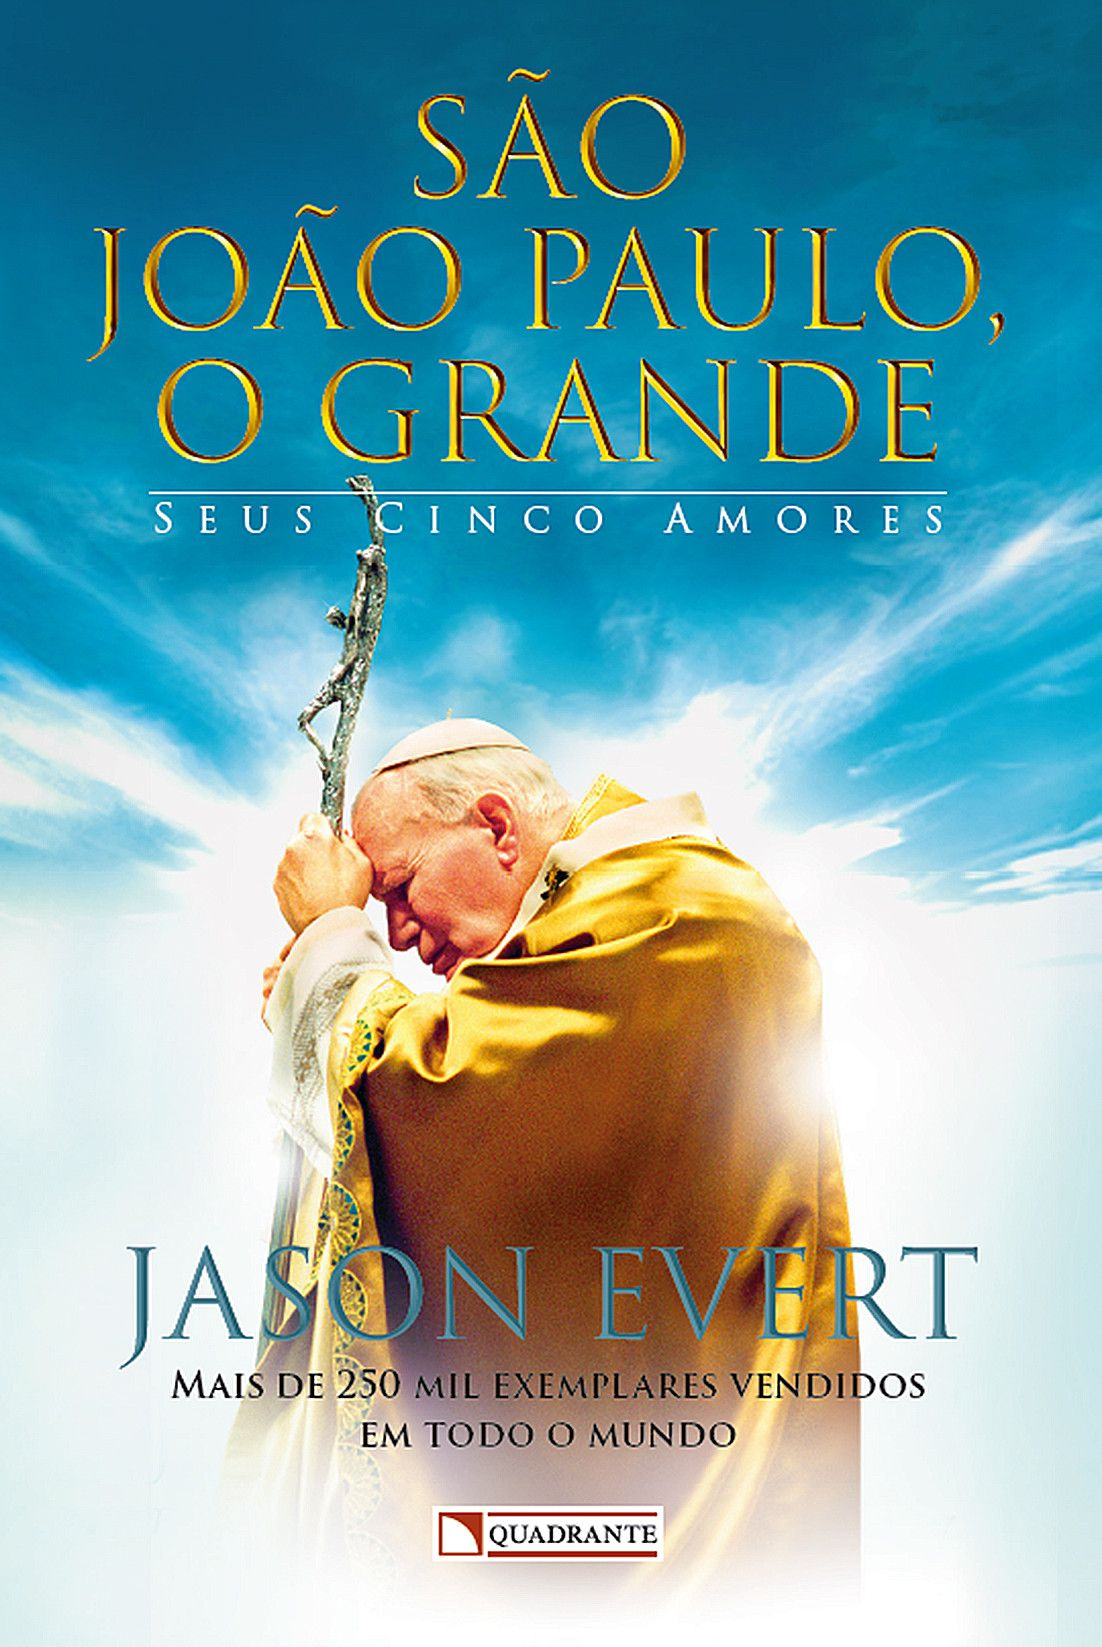 São João Paulo, o grande